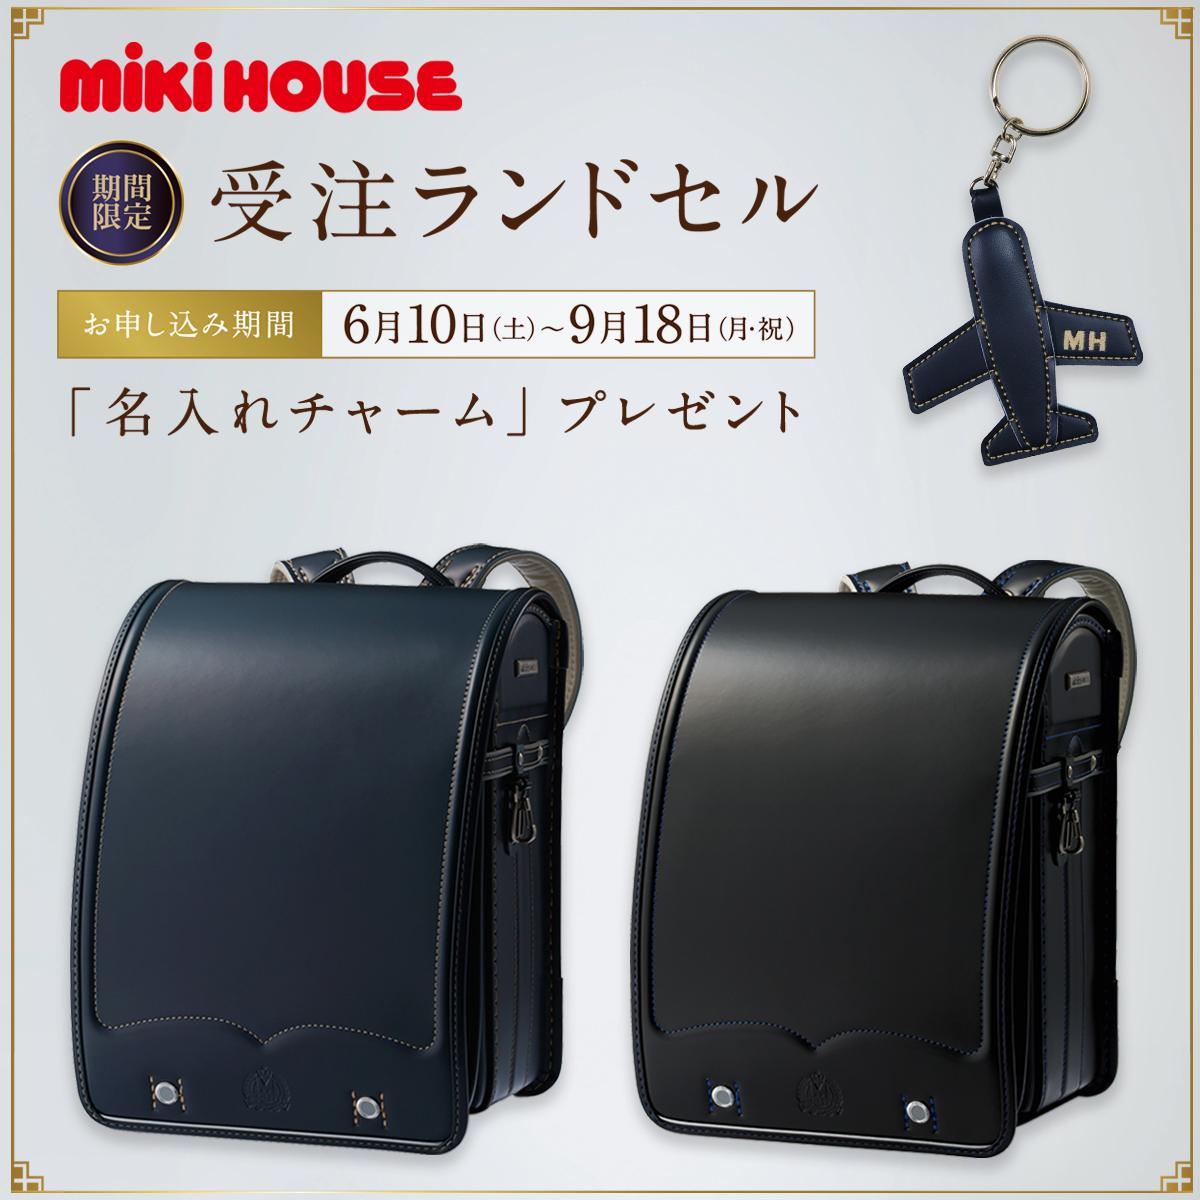 【ミキハウス】クラリーノタフロックランドセル(エンブレム型押し)(クーポン使用不可商品)